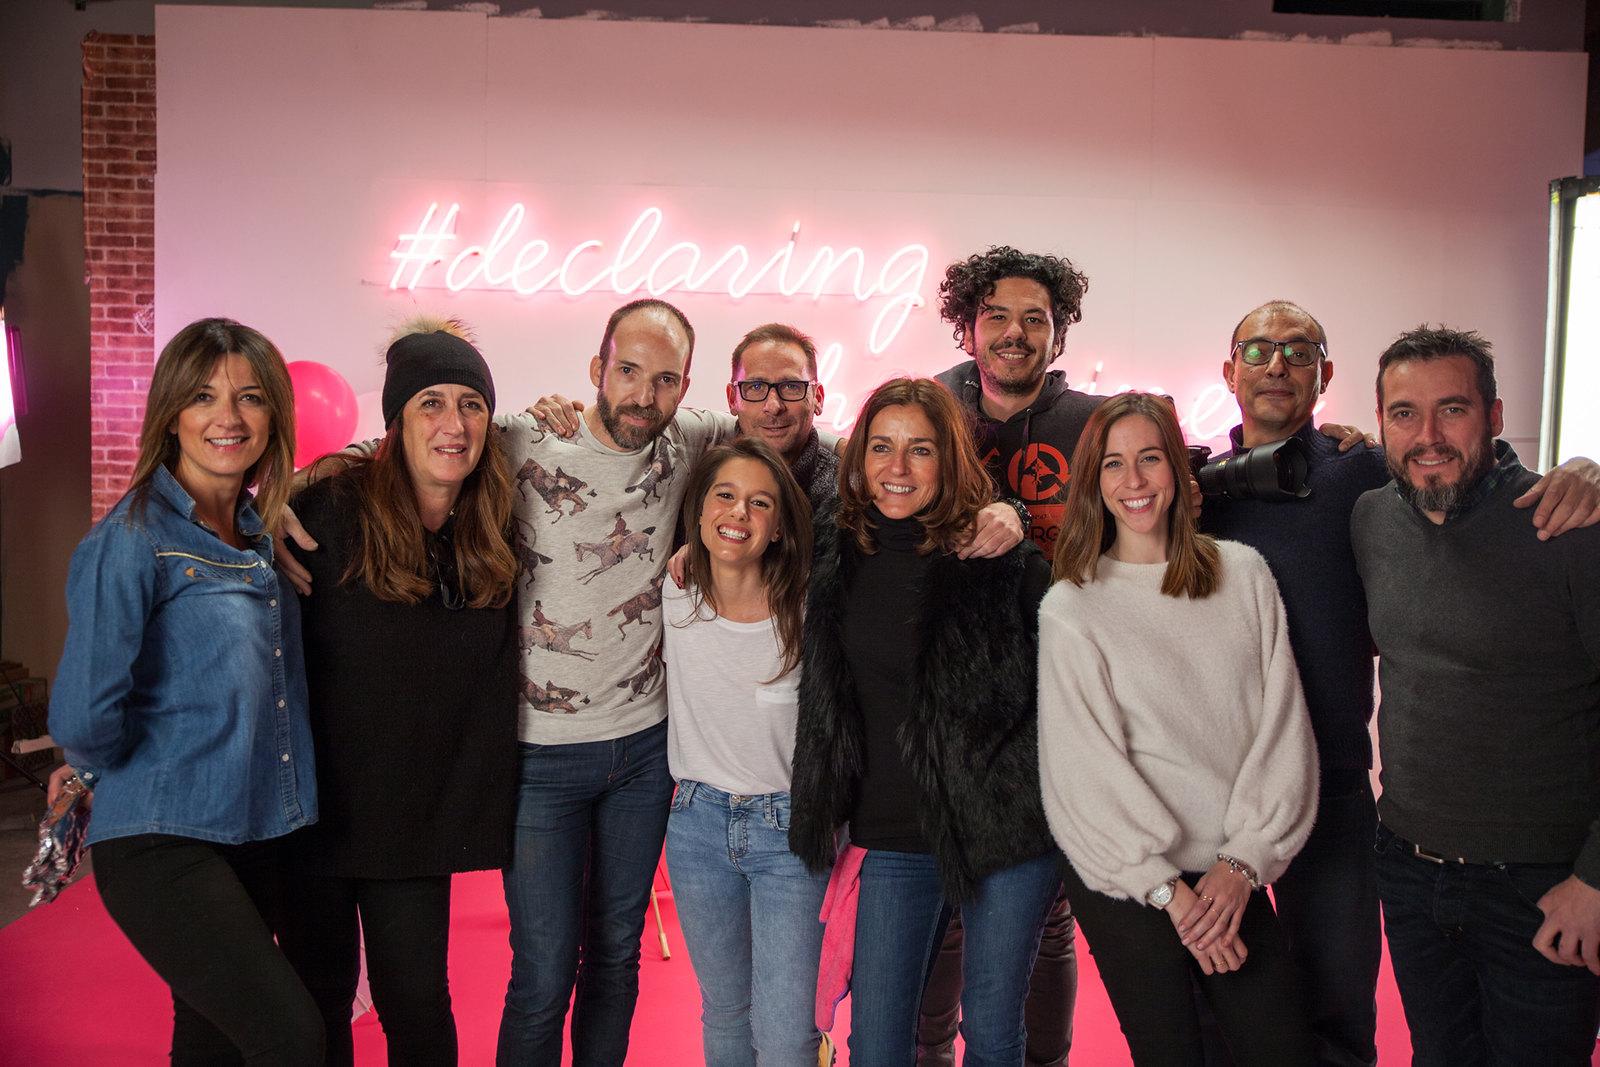 DECLARING HAPPINESS DE LANCÔME Y CÓMO SER FELIZ influencer barcelona fashion sephora spain felicidad laura santolaria influencer barcelona beauty